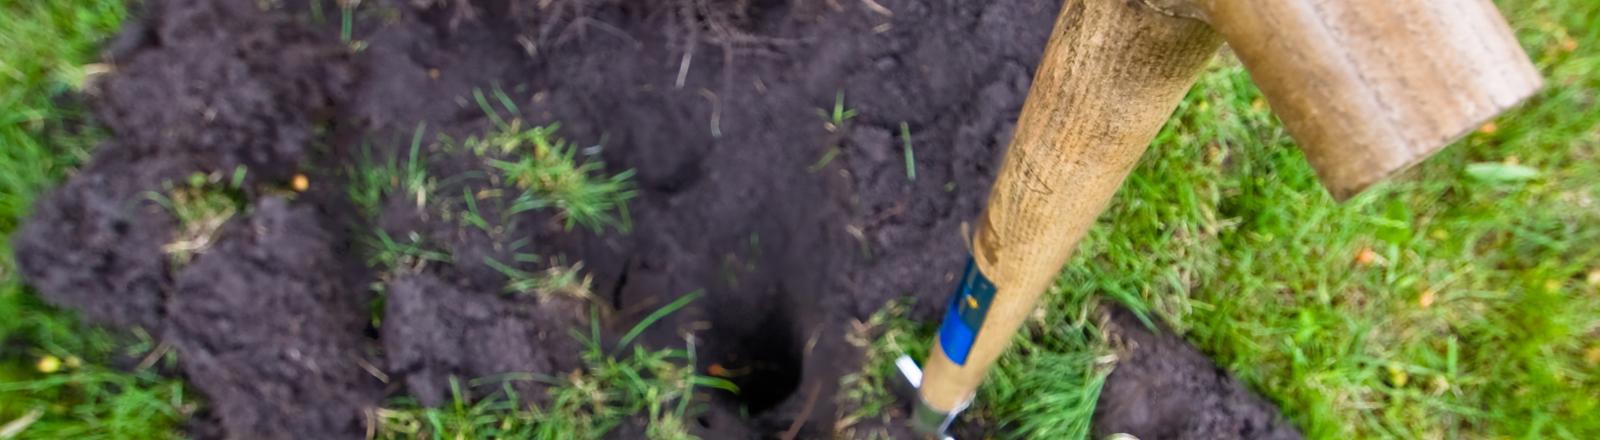 Ein Spaten steckt in einer grünen Wiese, wo gerade umgegraben wird.